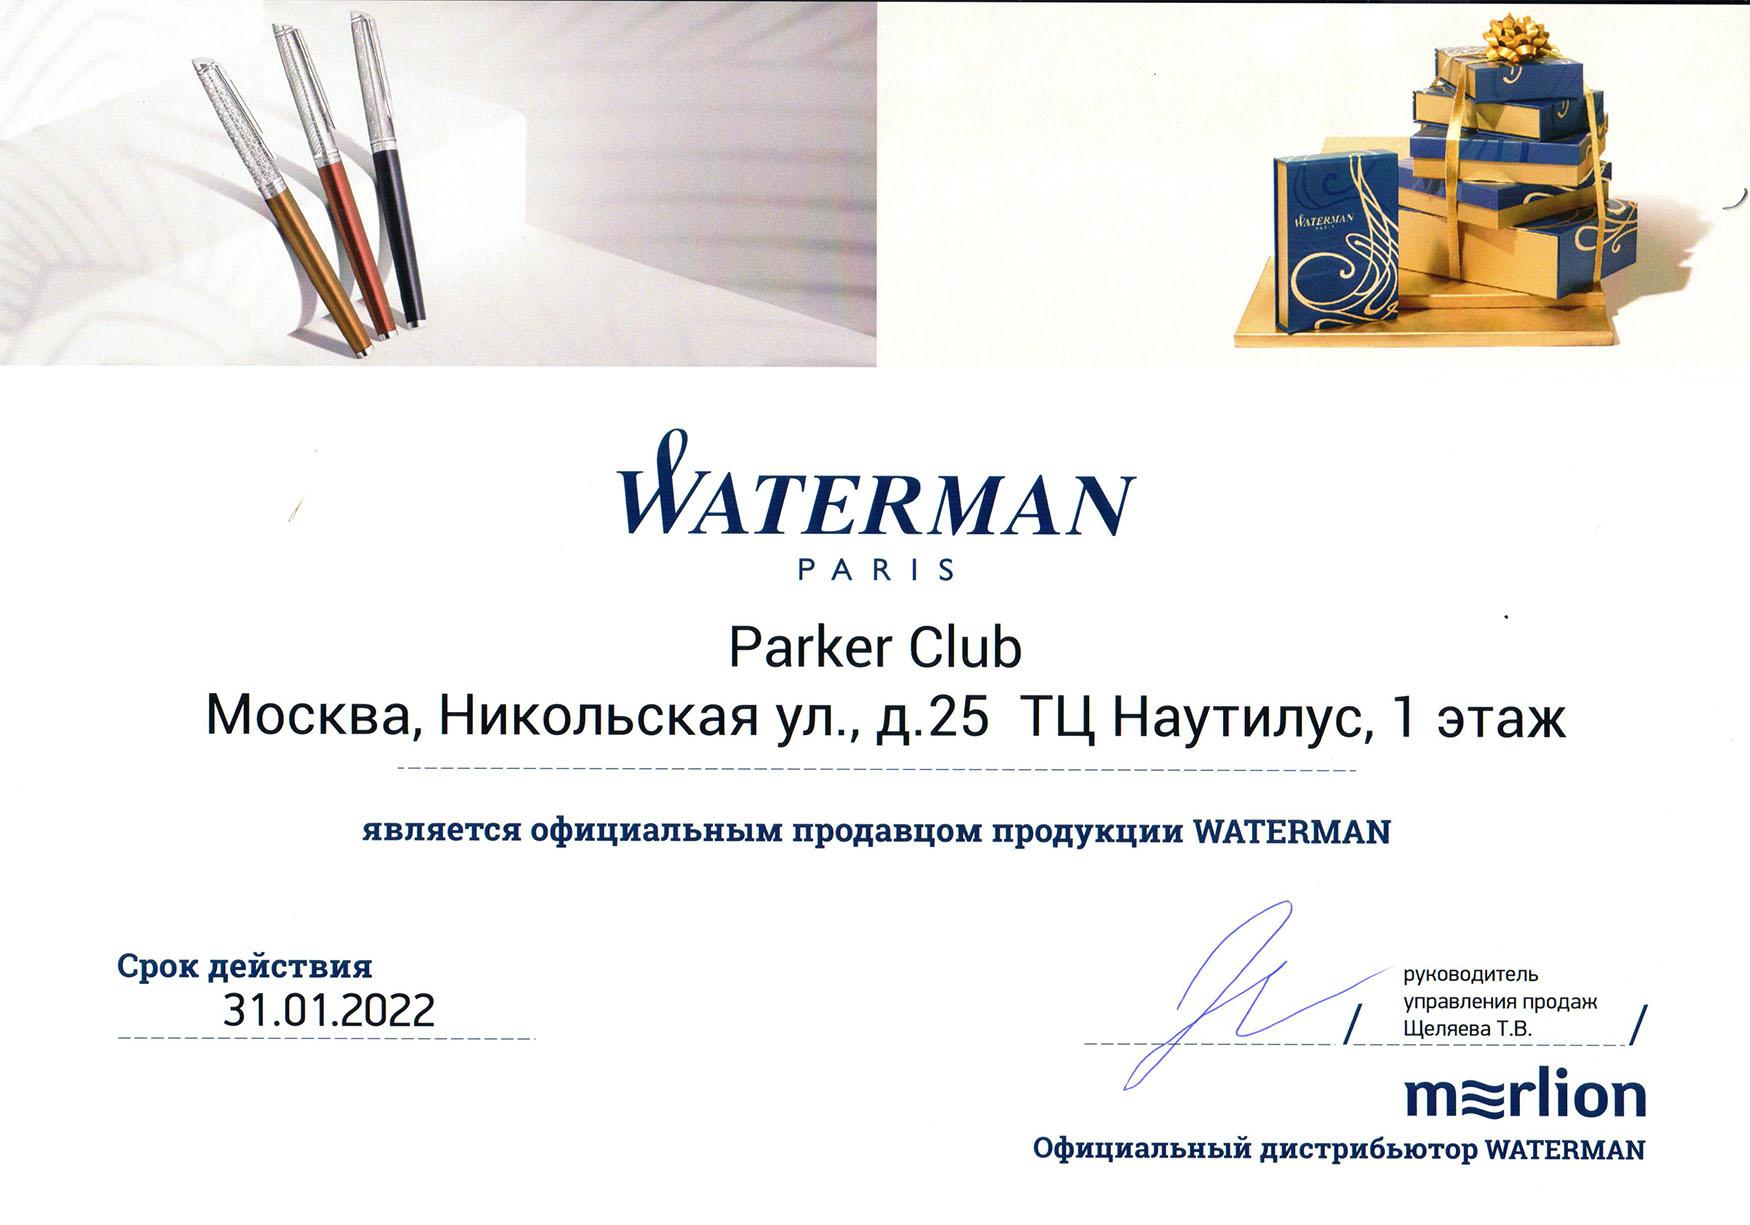 Официальный продавец продукции Waterman